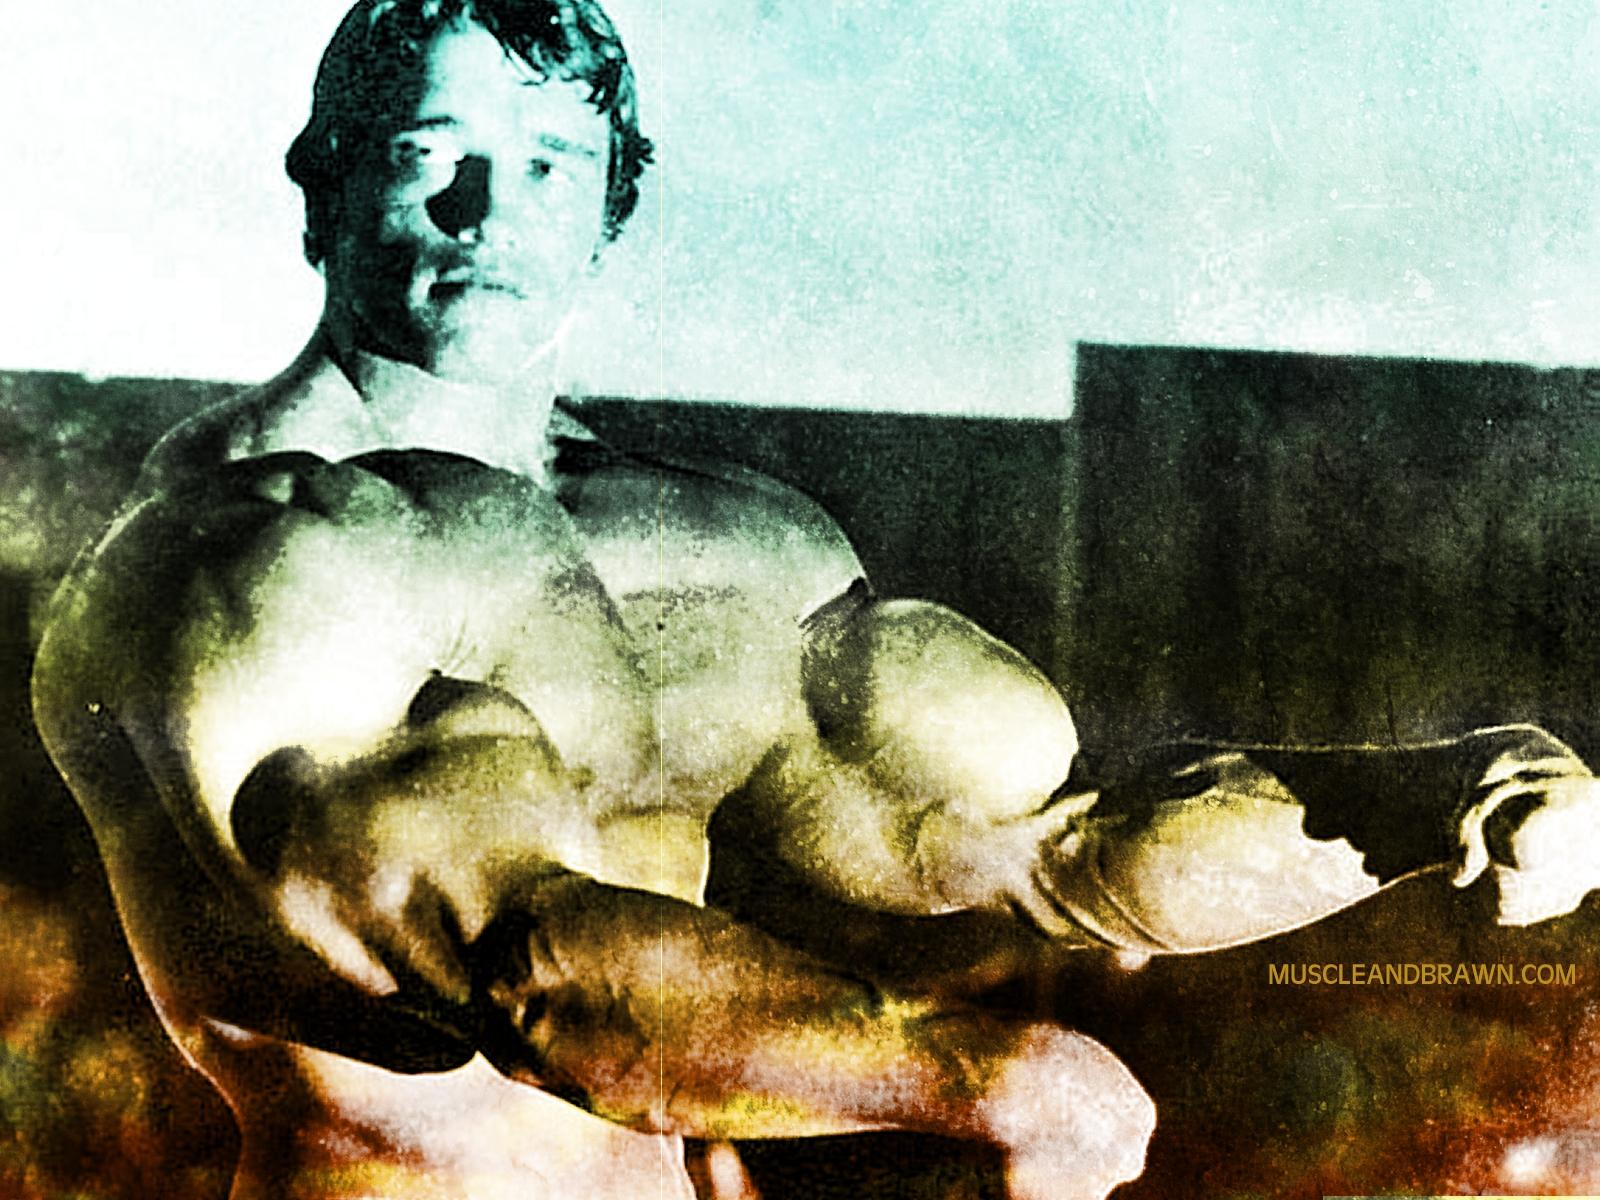 billeder af store overarme